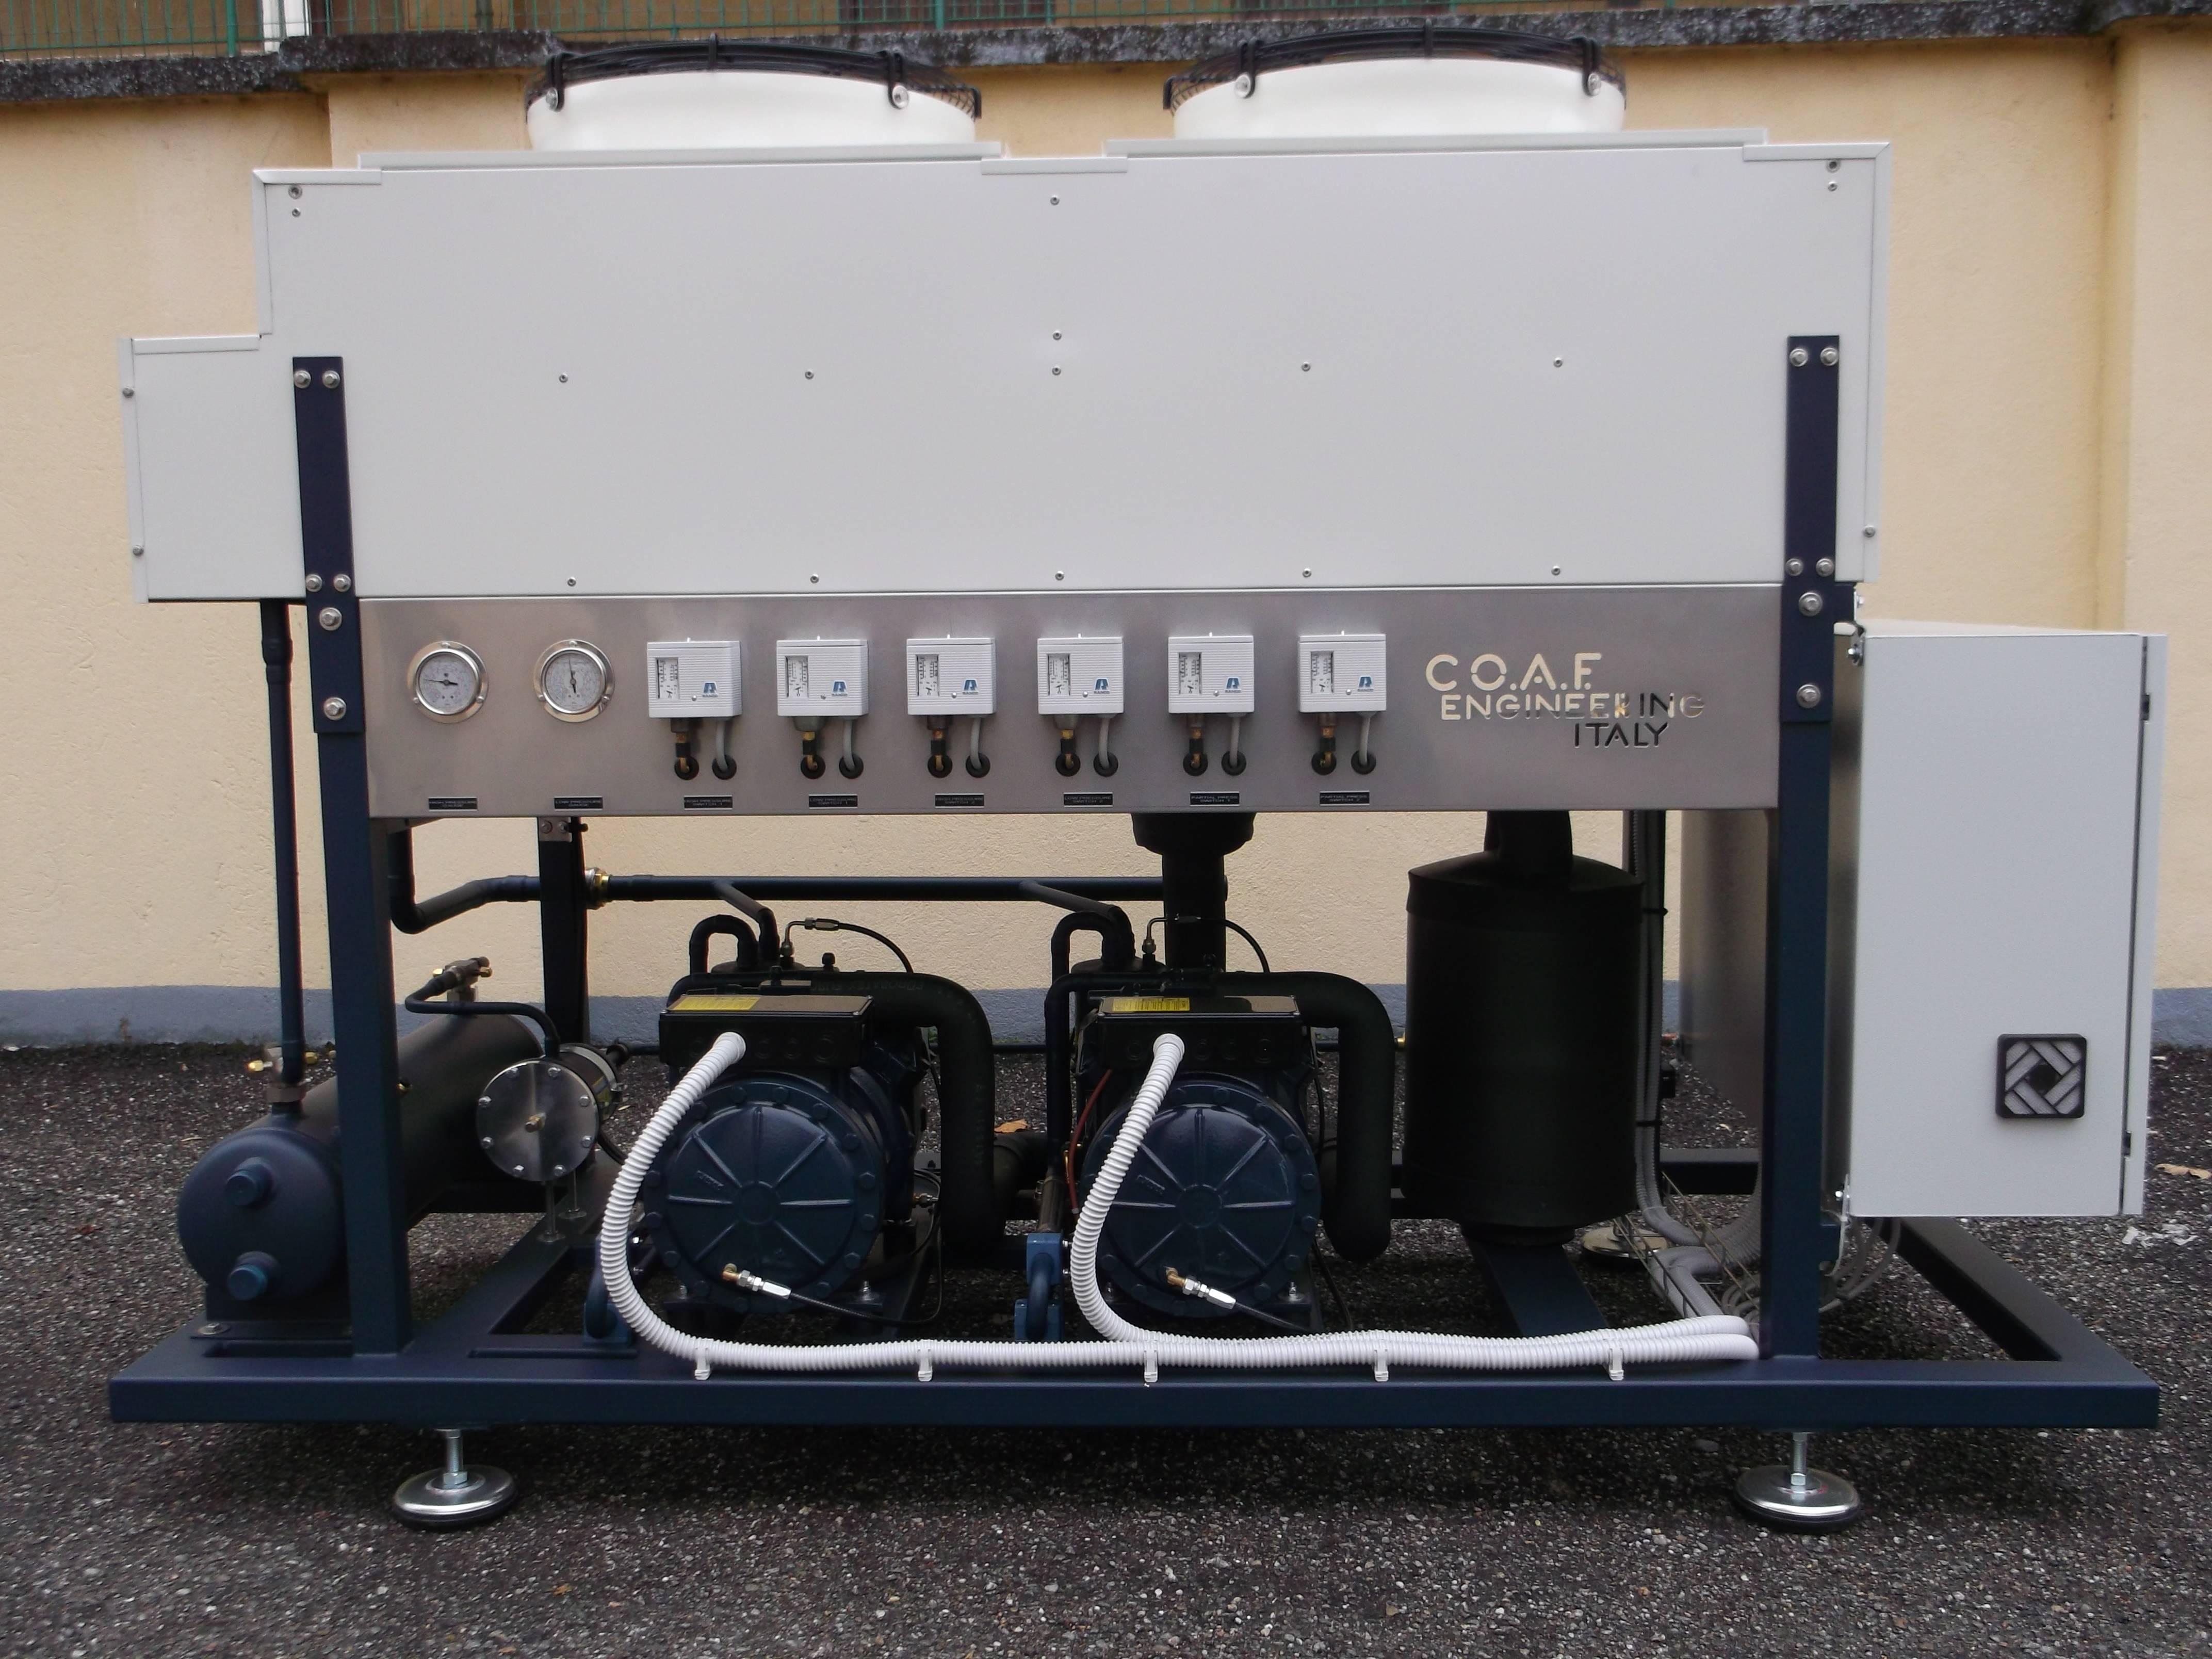 Centrale frigorifera per bassa temperatura, 2 compressori Dorin da 7,5 CV